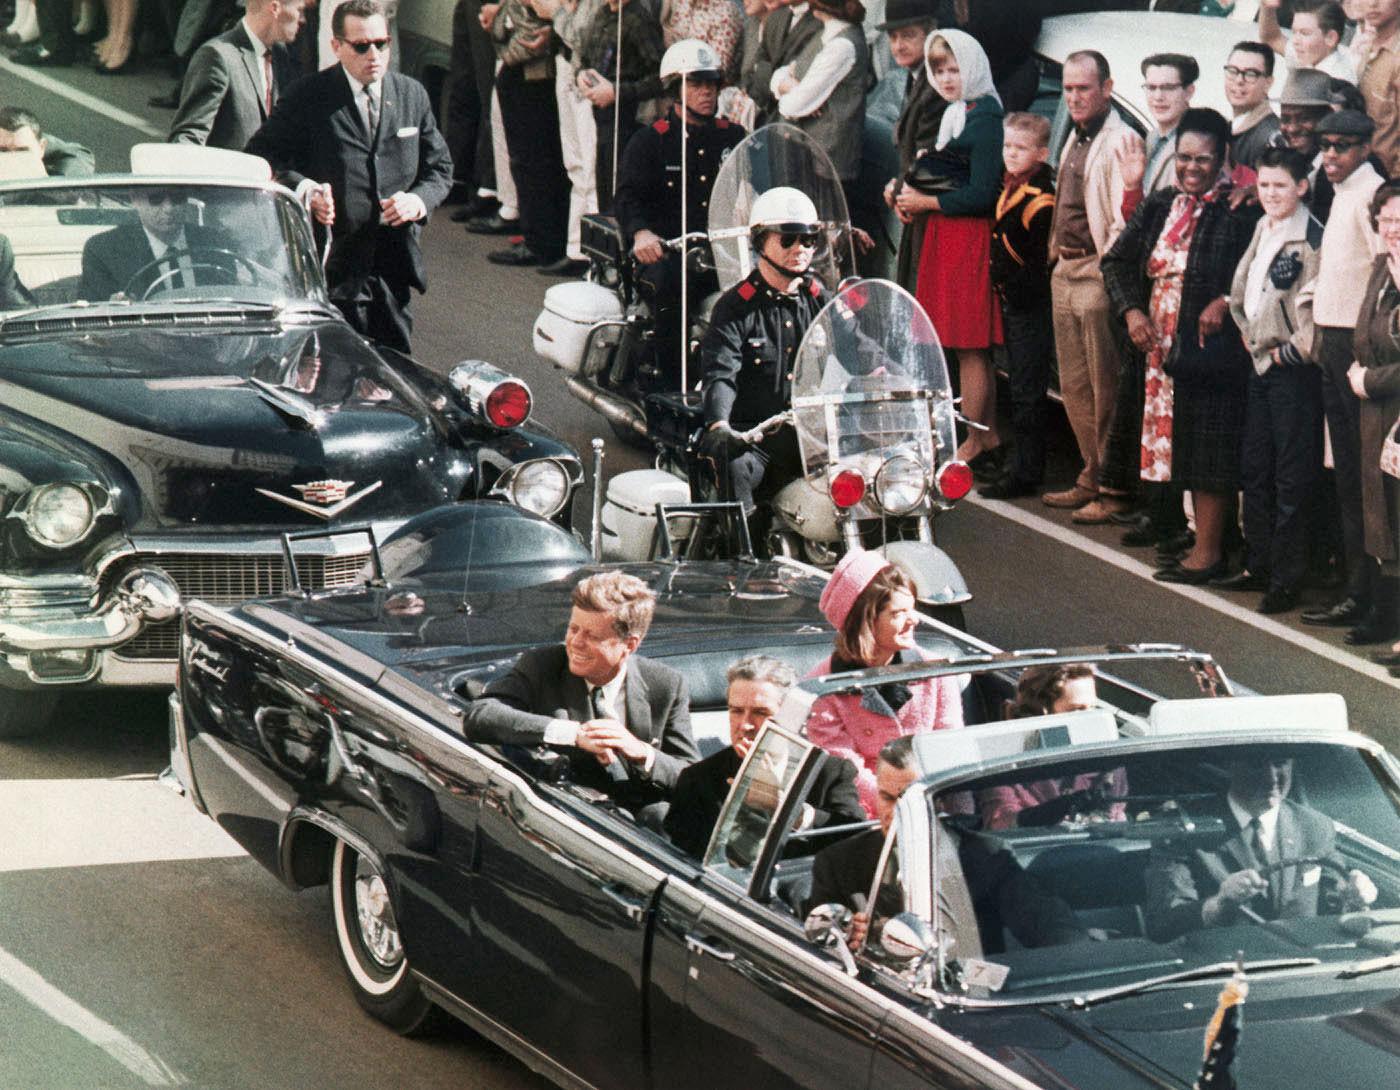 22 de Novembro de 1963: John F. Kennedy é morto a tiros na cidade de Dallas, Texas – EUA